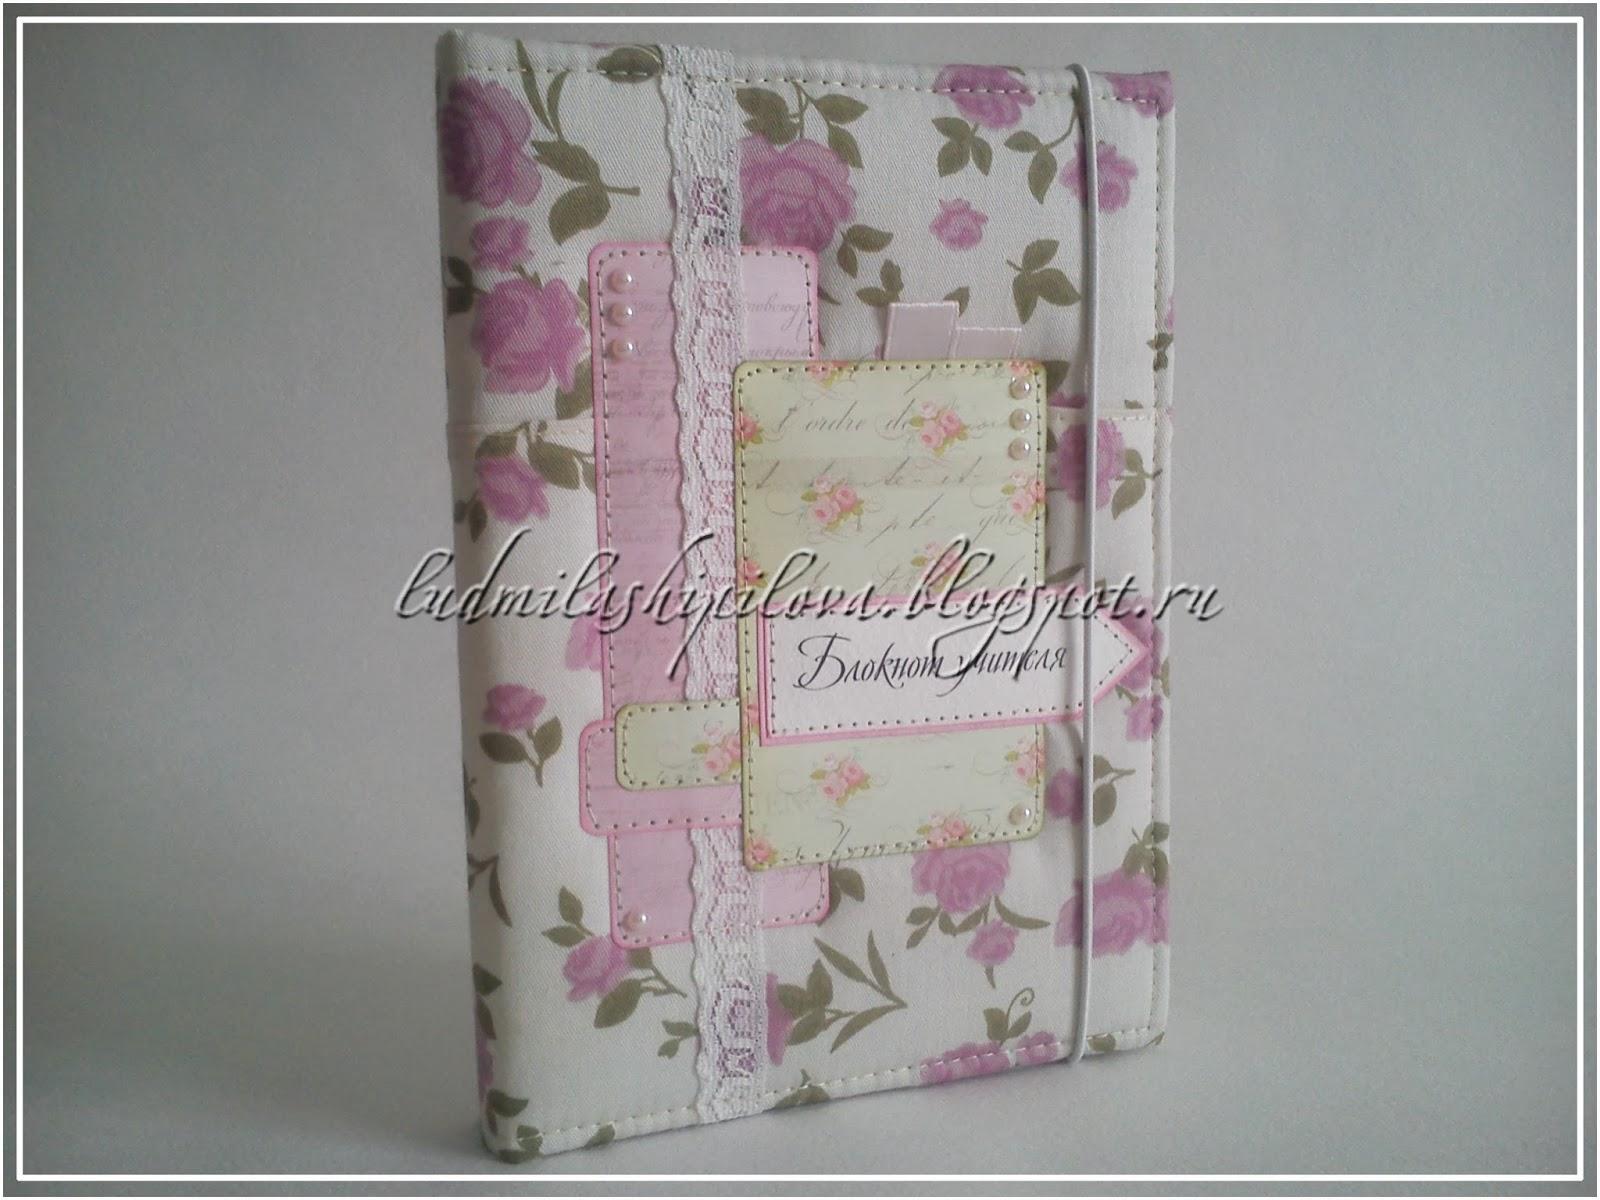 Блокнот ручной работы в тканевой обложке,автор Людмила Шипилова